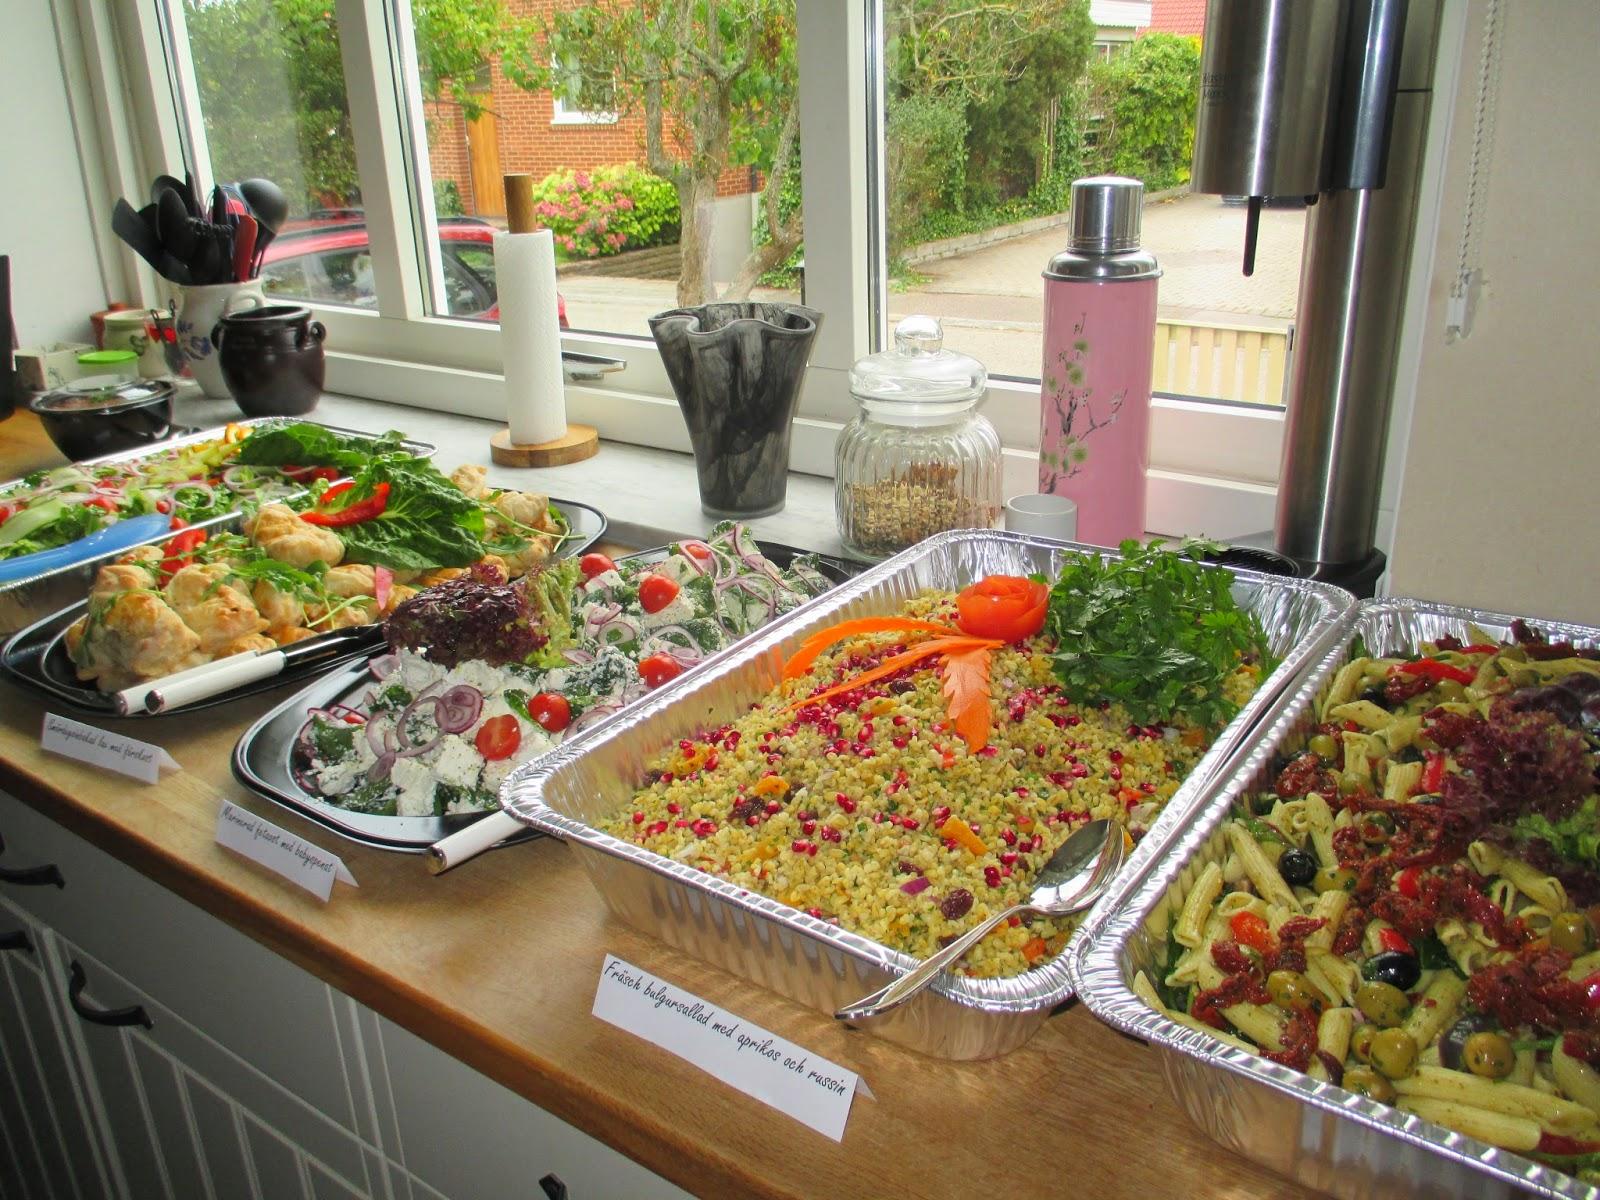 mat till 50 års fest Knutjäveln: september 2014 mat till 50 års fest